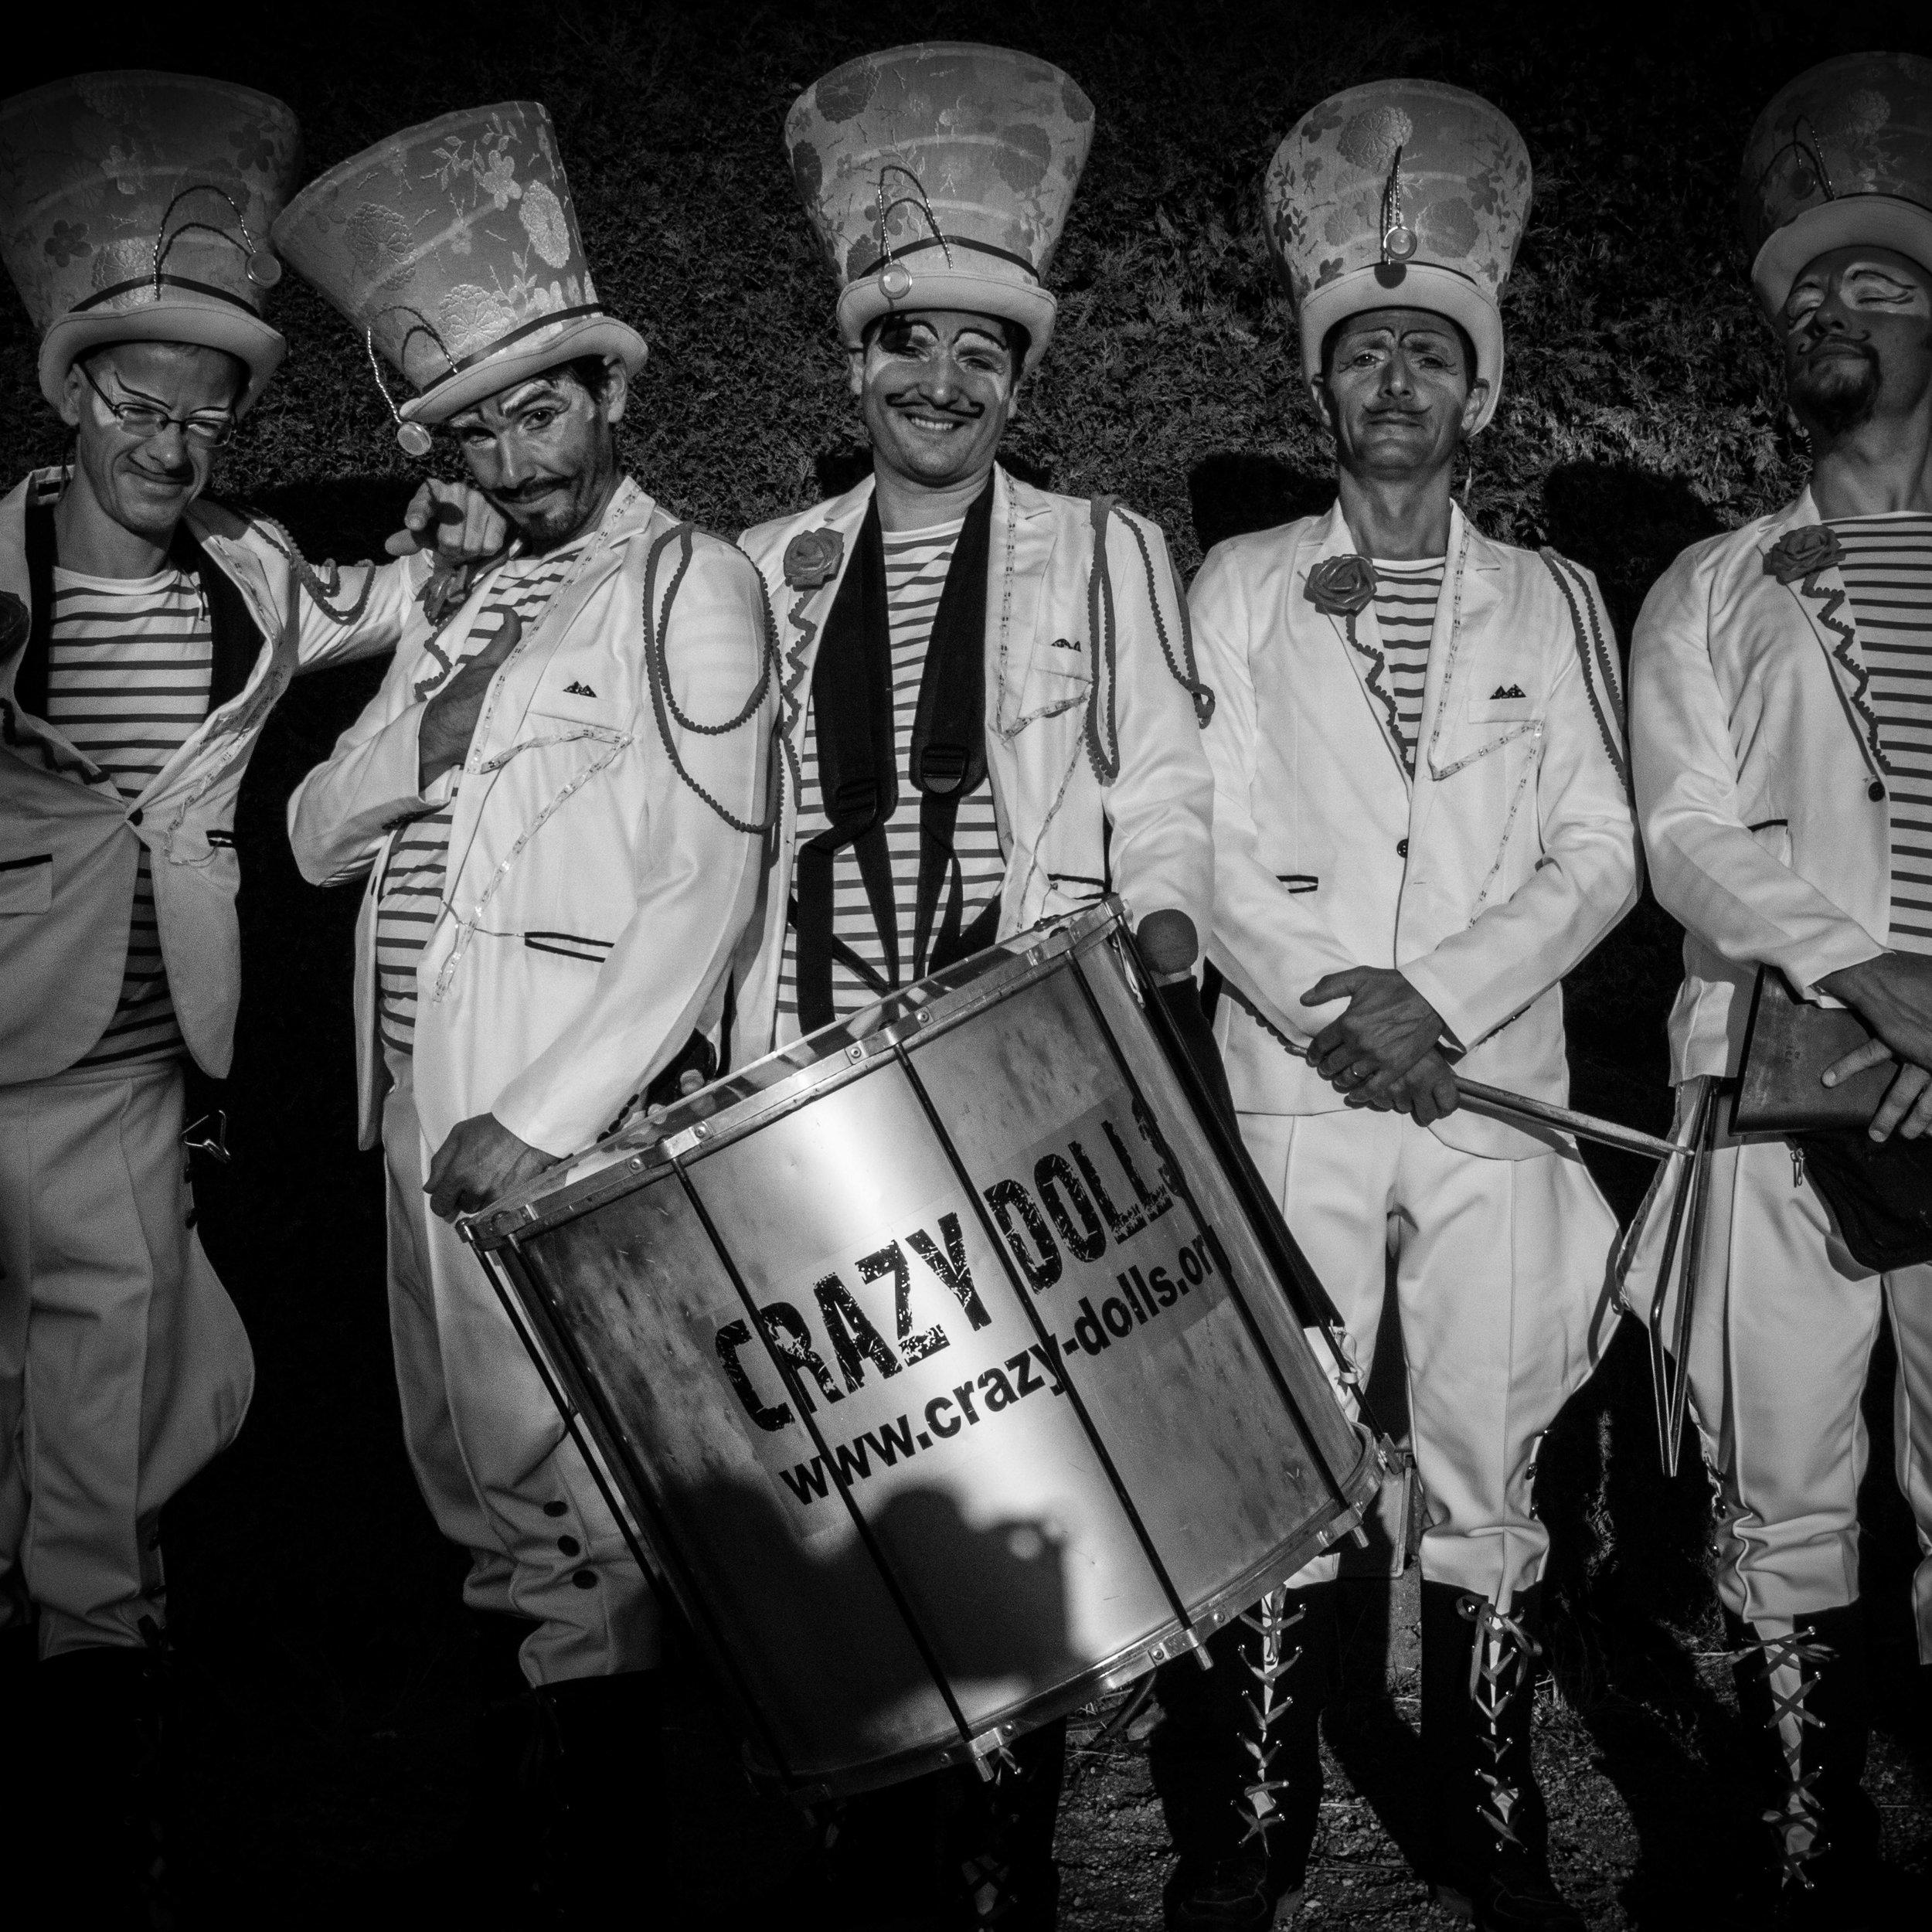 LES ELEGANTS - DATE : Jeudi 20 décembre à 18h et 19h45LIEU : Dans tout le Marché de NoëlCes cavaliers et dames chapeautés semblent sortis d'un livre de contes. C'est avec grâce qu'ils dévoilent leurs talents de musiciens agiles et de danseuses légères.Sourires charmeurs, gestes gracieux, musiques délicates et puissantes tissent autour d'eux un univers féerique.